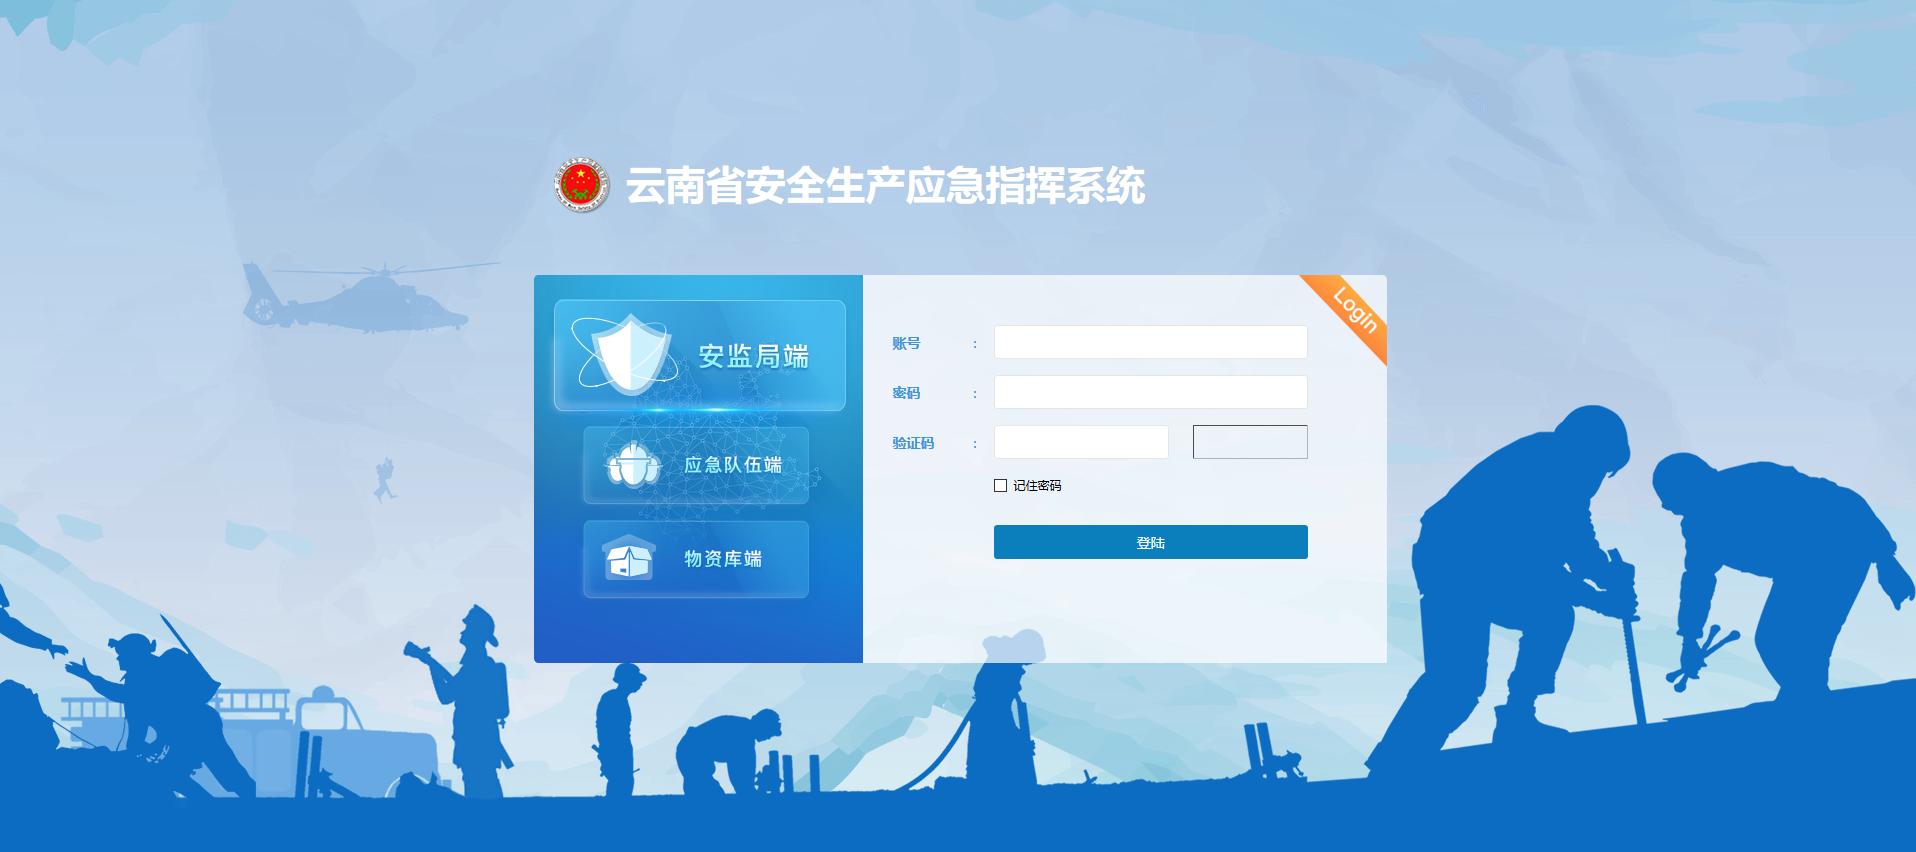 云南省安全生产应急指挥系统